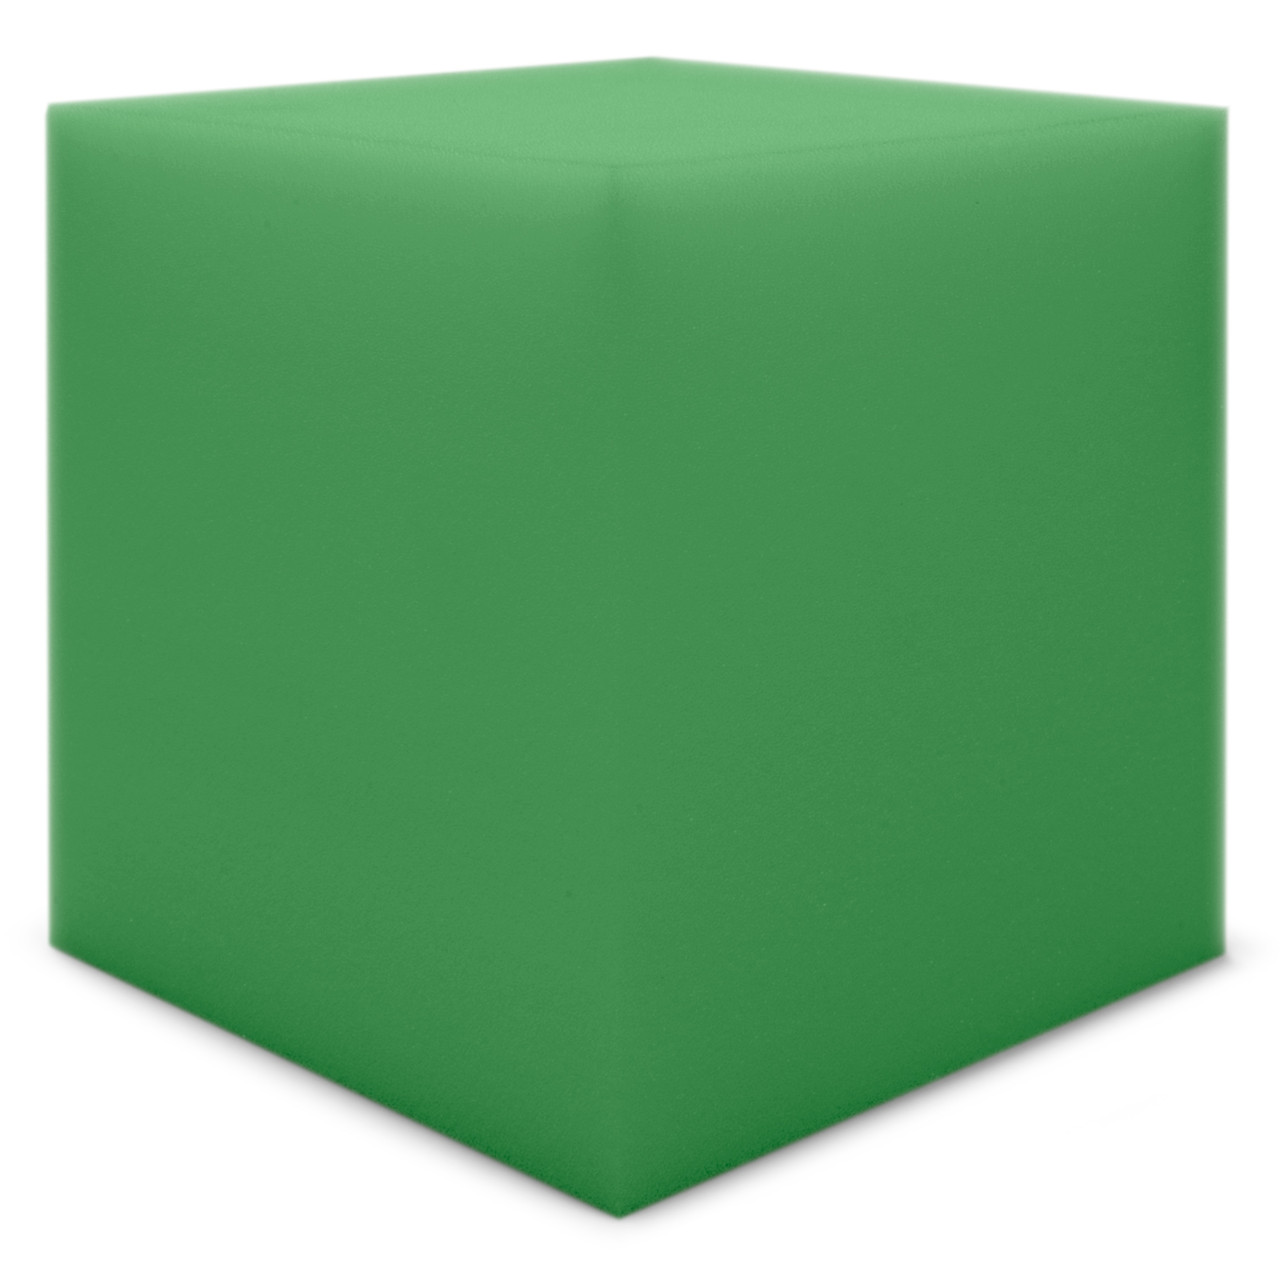 Бас ловушка Ecosound КУБ угловой 15х15х15 см Цвет зеленый